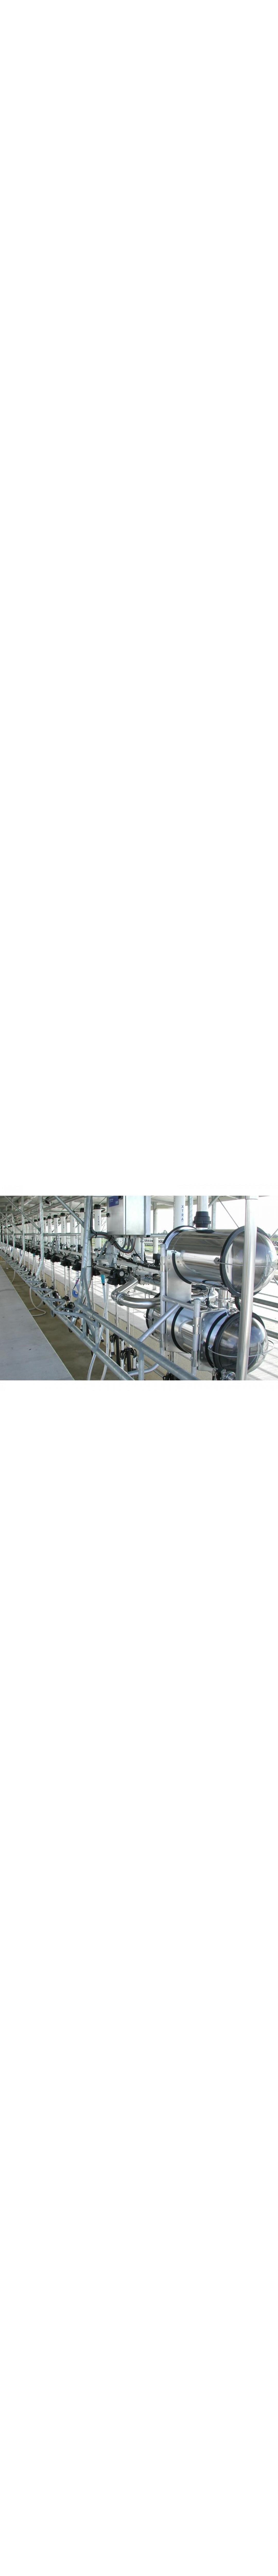 Herringbone Milking System - Hoopline